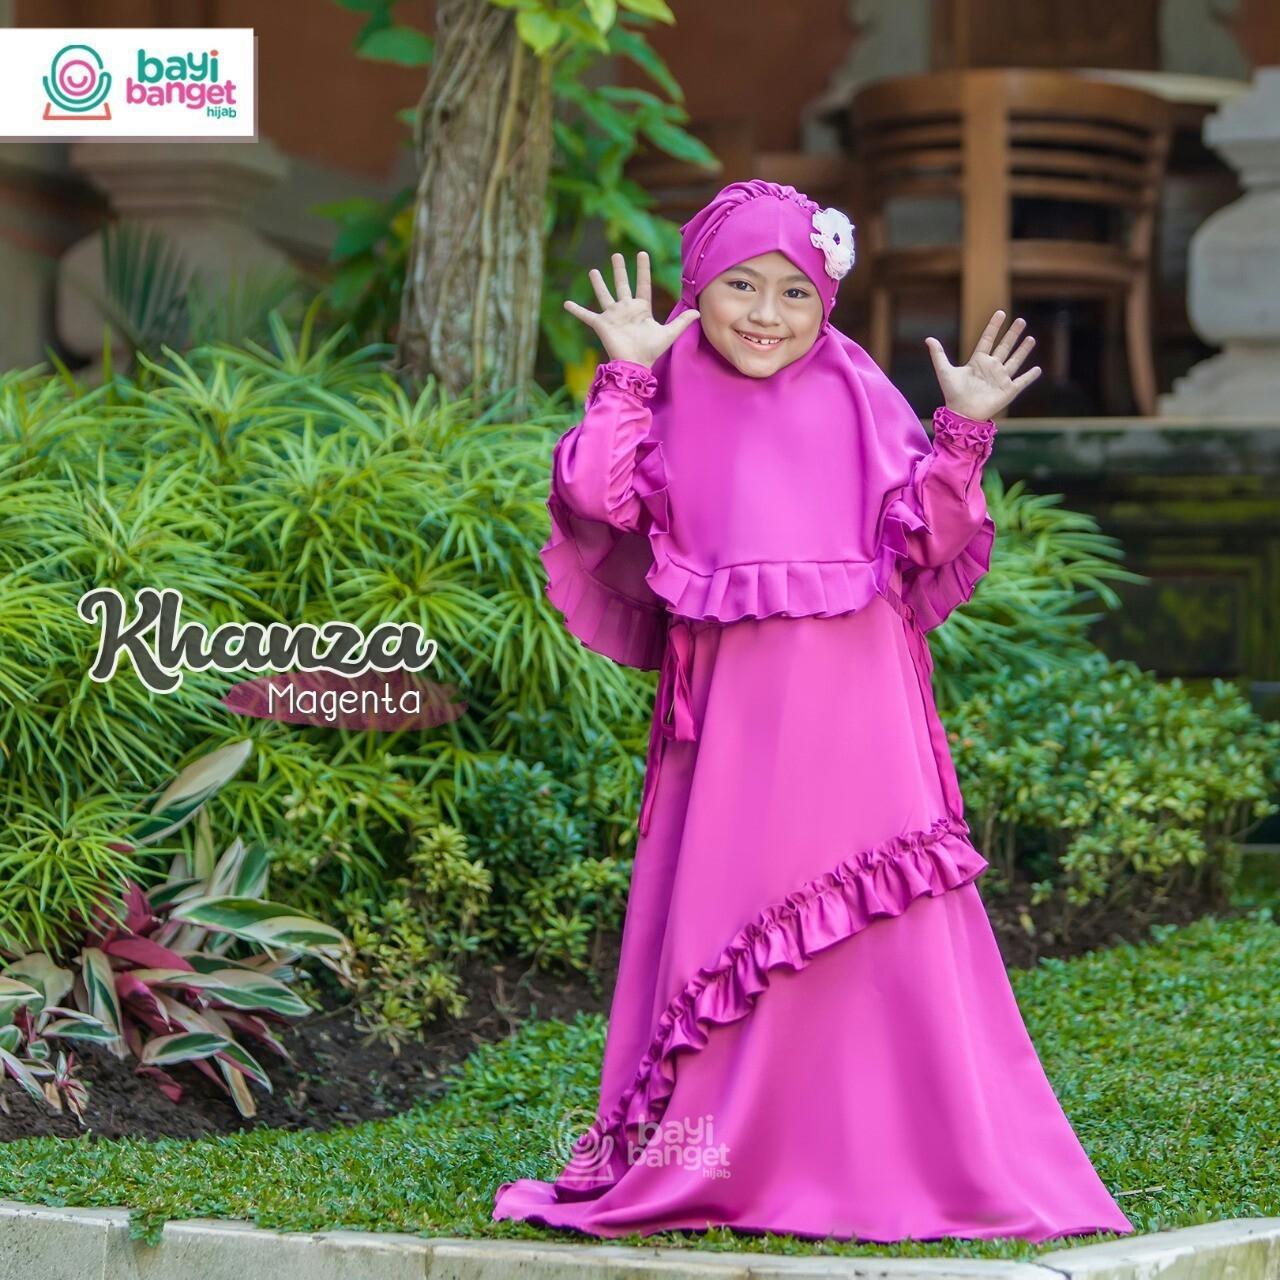 Fairuz Hijab, TERCANTIK ! Baju Gamis Anak Perempuan, Gamis Anak Lucu, Gamis Anak Syari, Gamis Anak